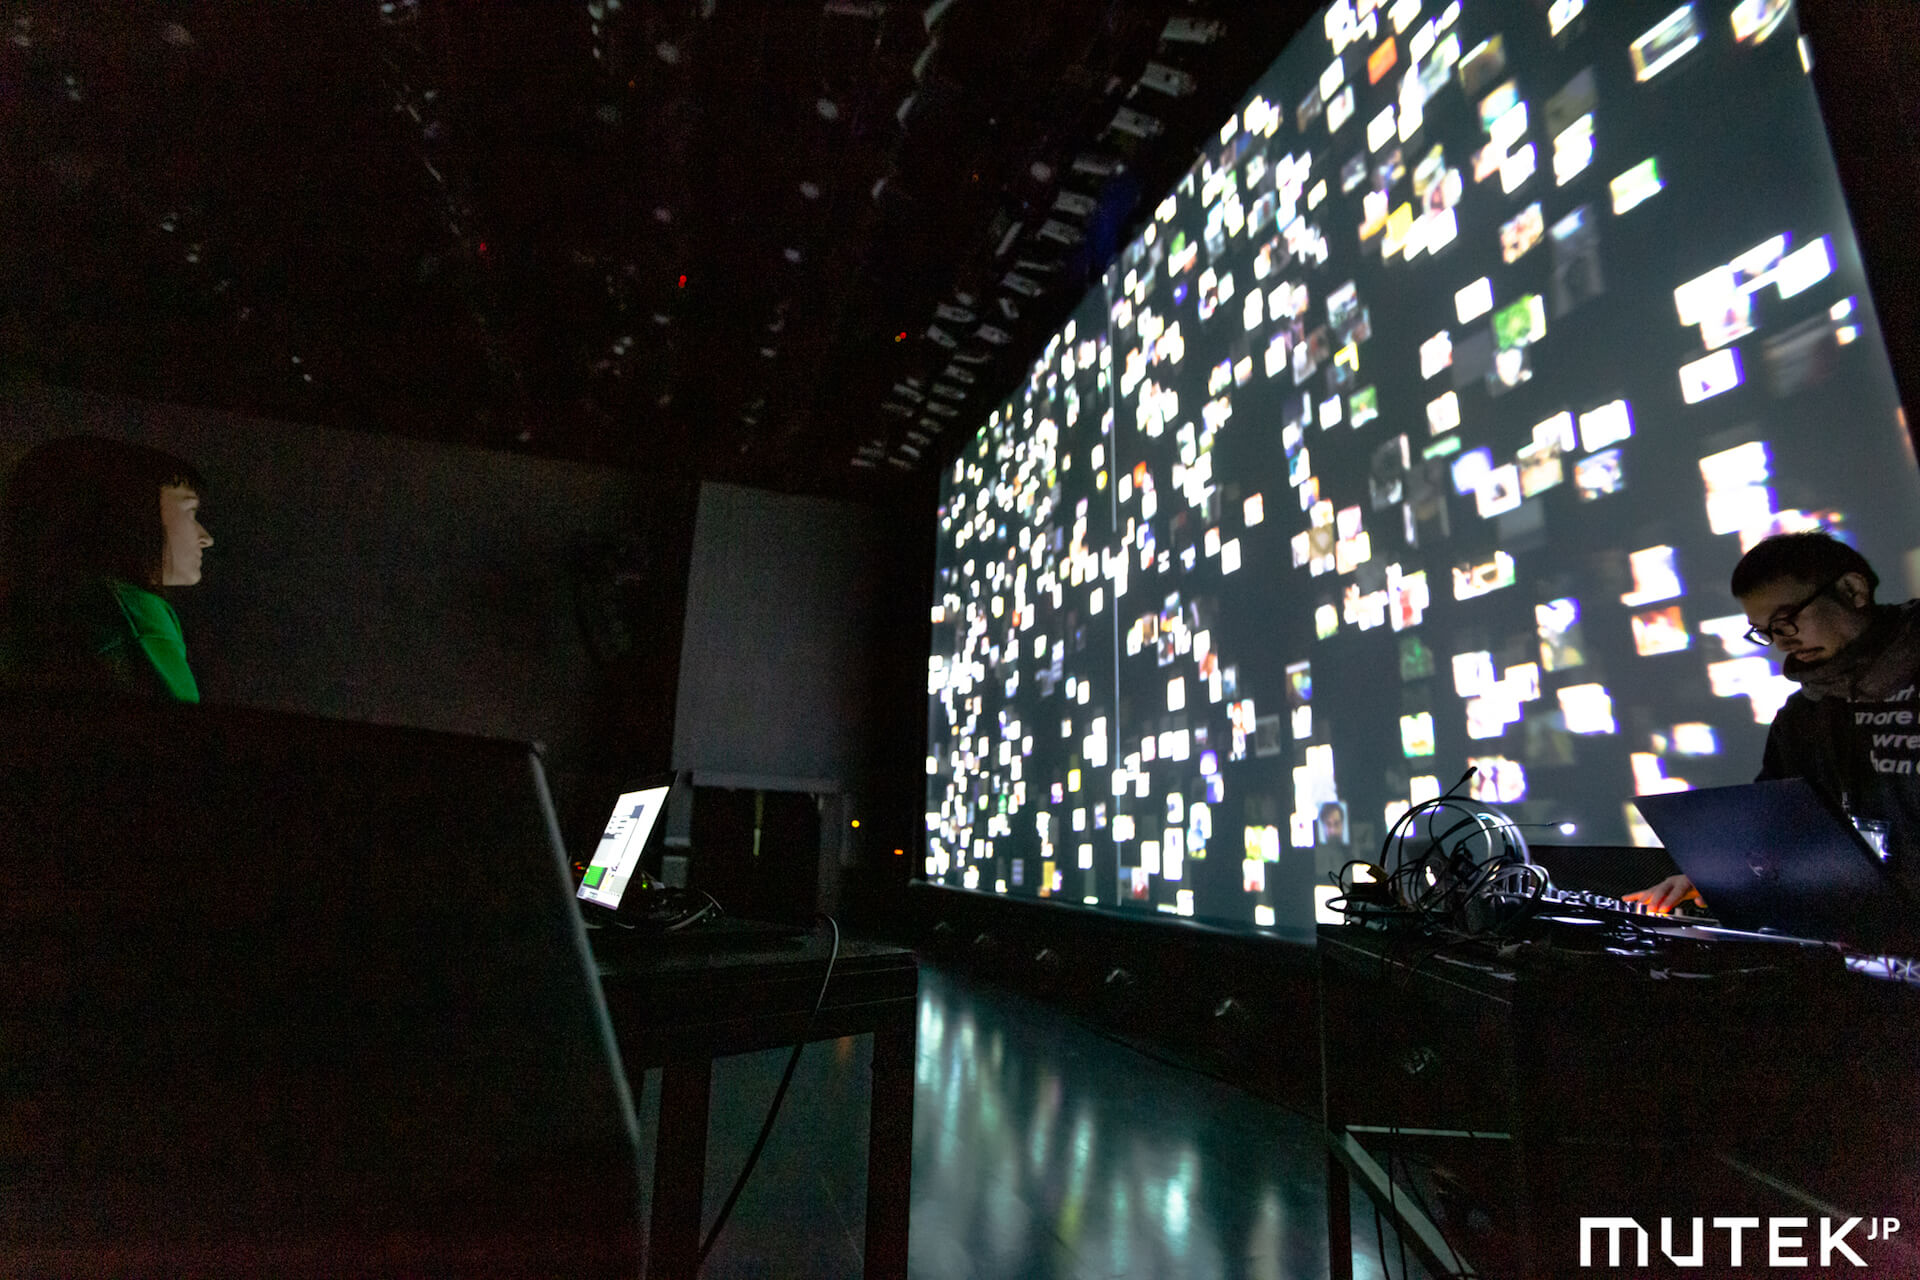 フォトレポート|Kode 9 & Koji Morimotoらが登場した電子音楽&デジタルアートの祭典「MUTEK.JP 2019」 music191219-mutek2019-2